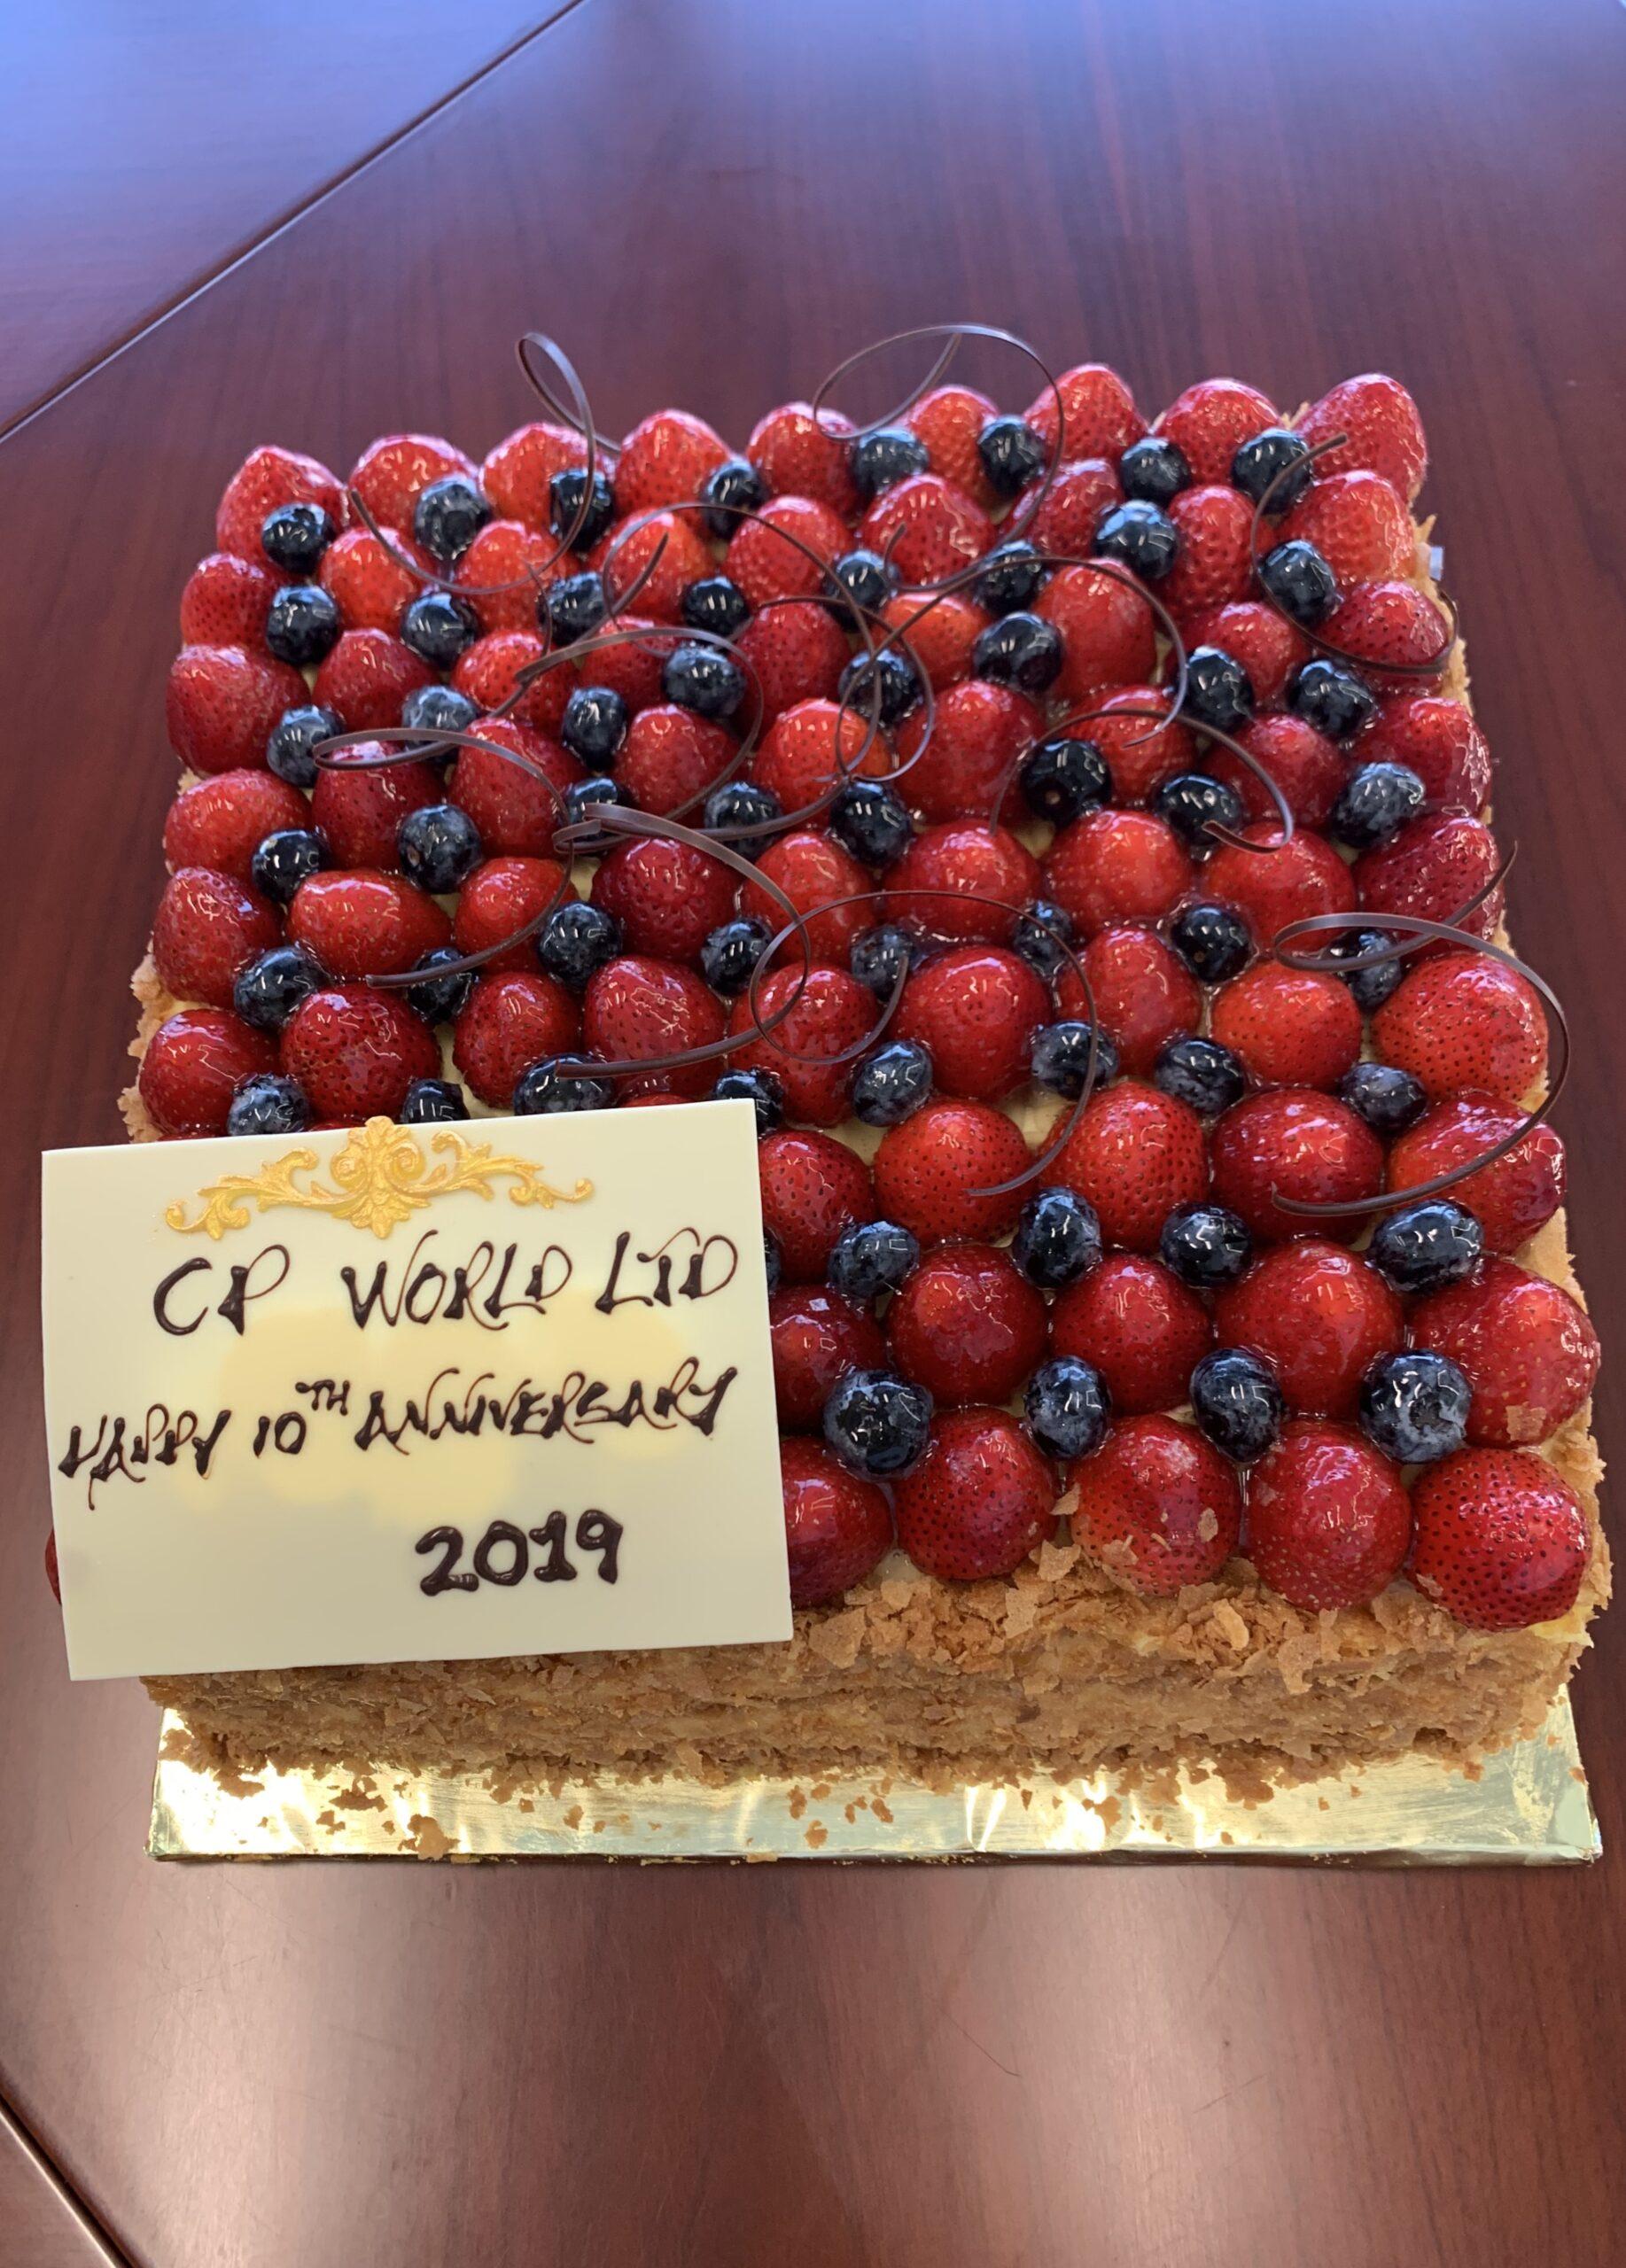 cpw-hk-cake